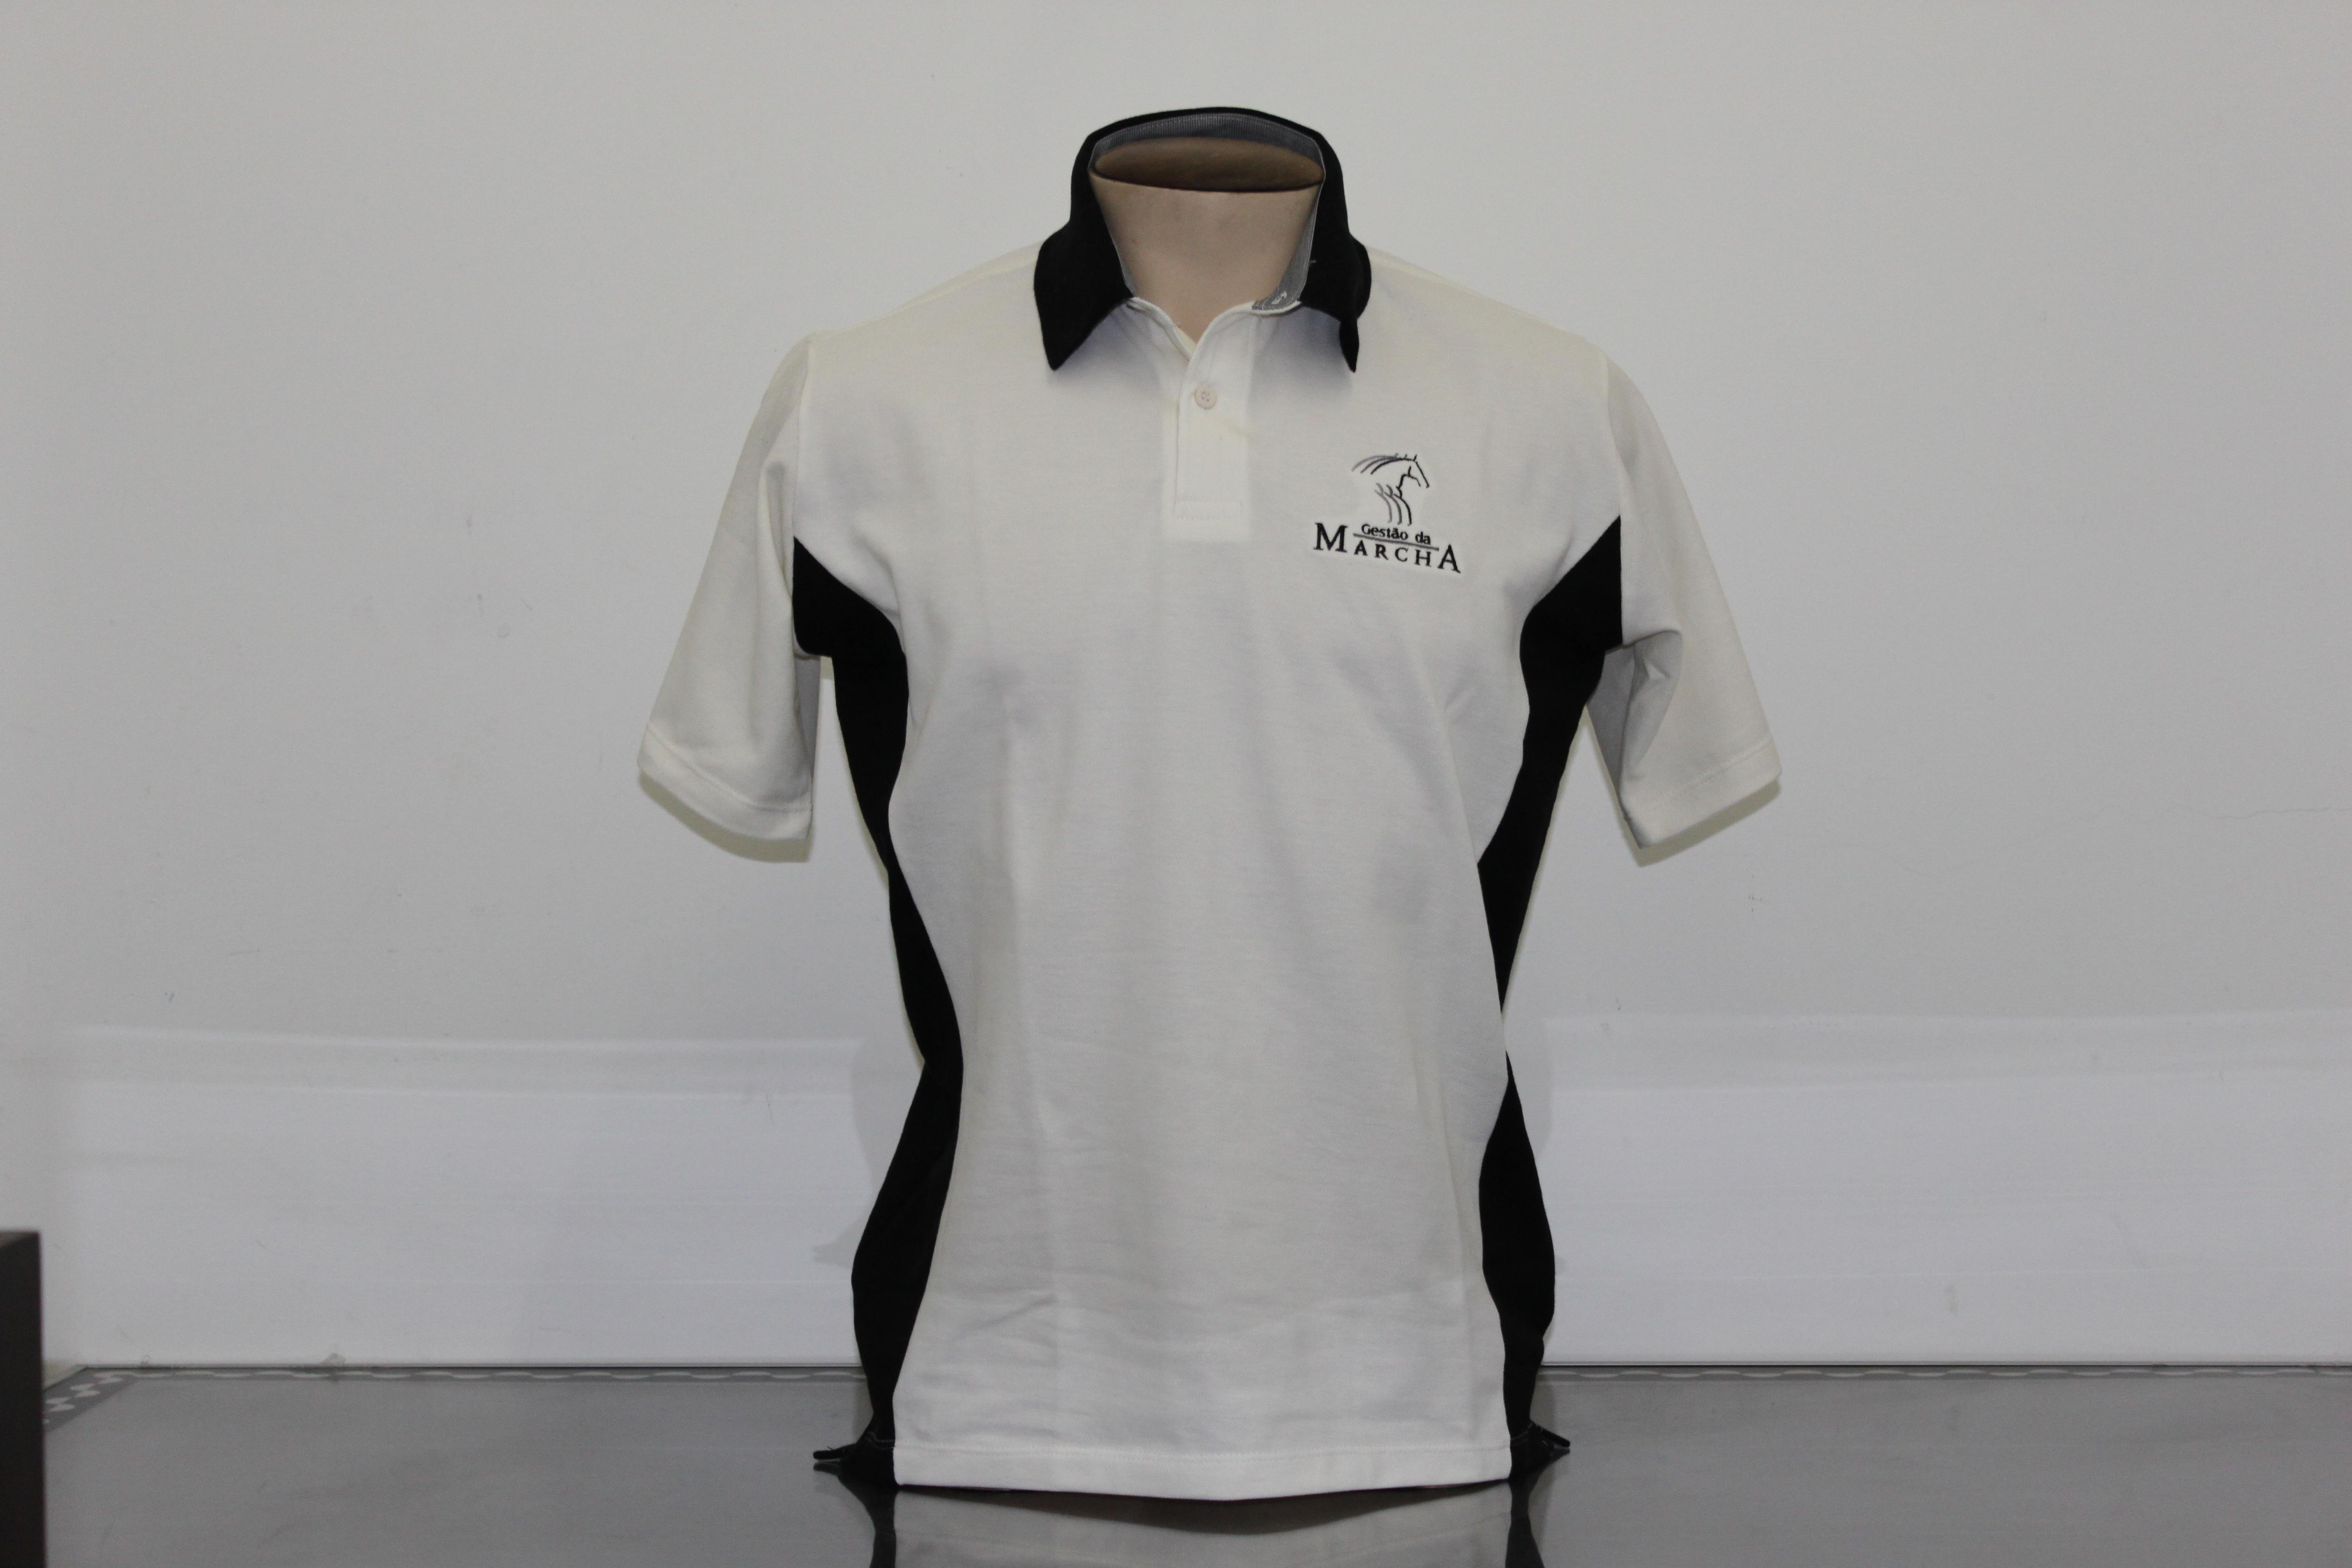 Camisa gola polo com detalhe.